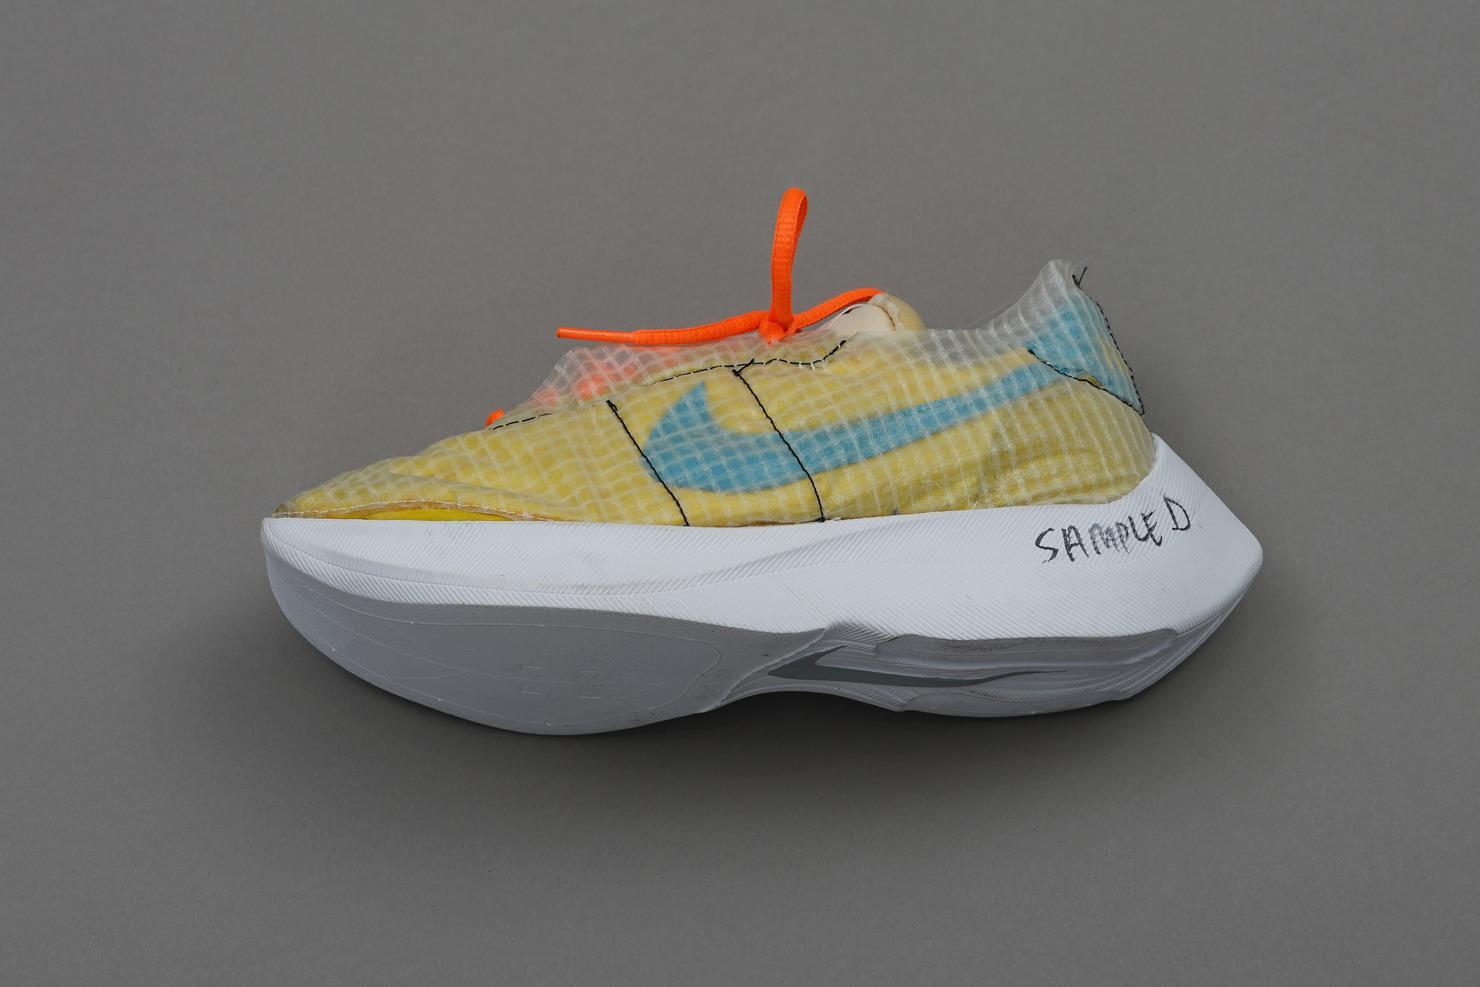 Off-White x Nike Vapor Street Prototype 4